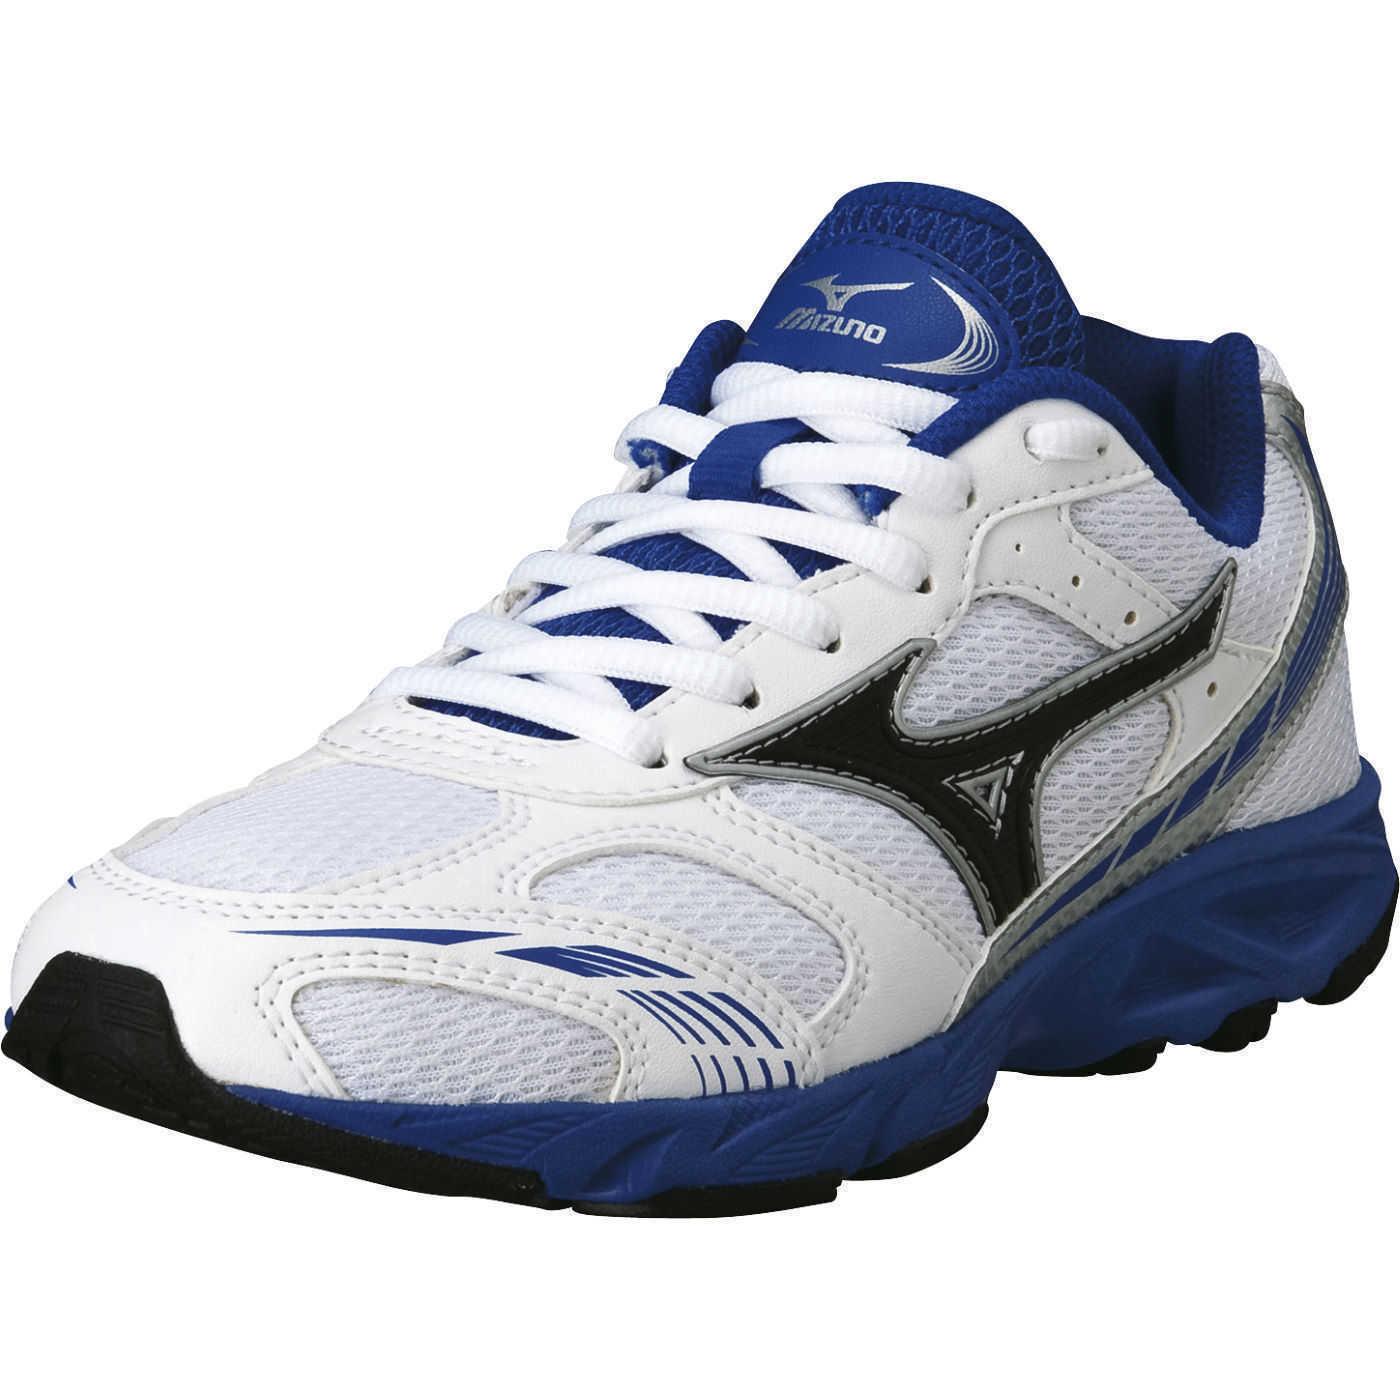 Mizuno Scarpa Running Sneaker Bambino Crusader JNR Bianco black blue